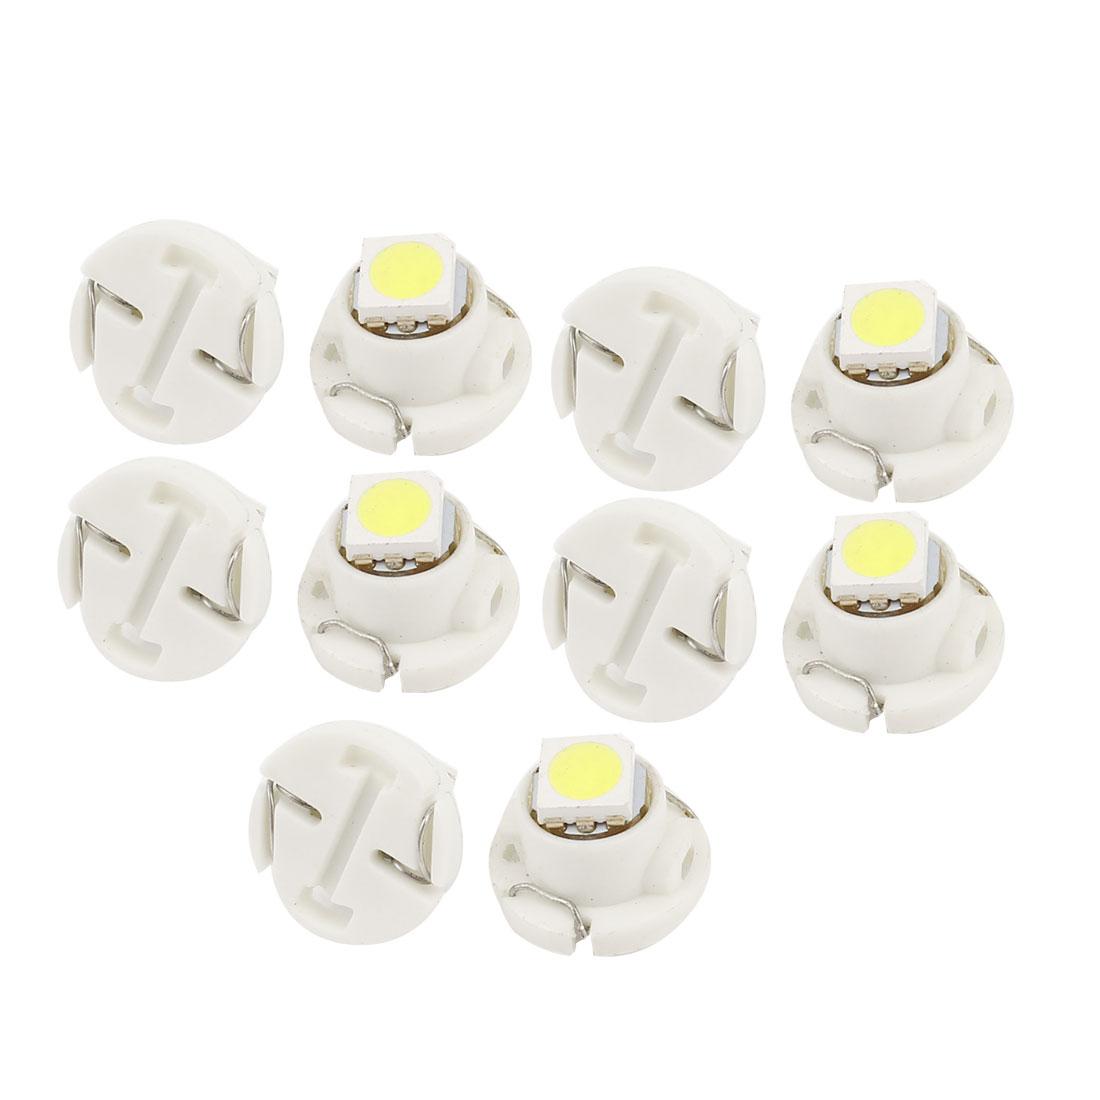 10 Pcs White T4.7 5050 1-SMD LED Light 12V Car Instrument Cluster Dash Lamp Internal